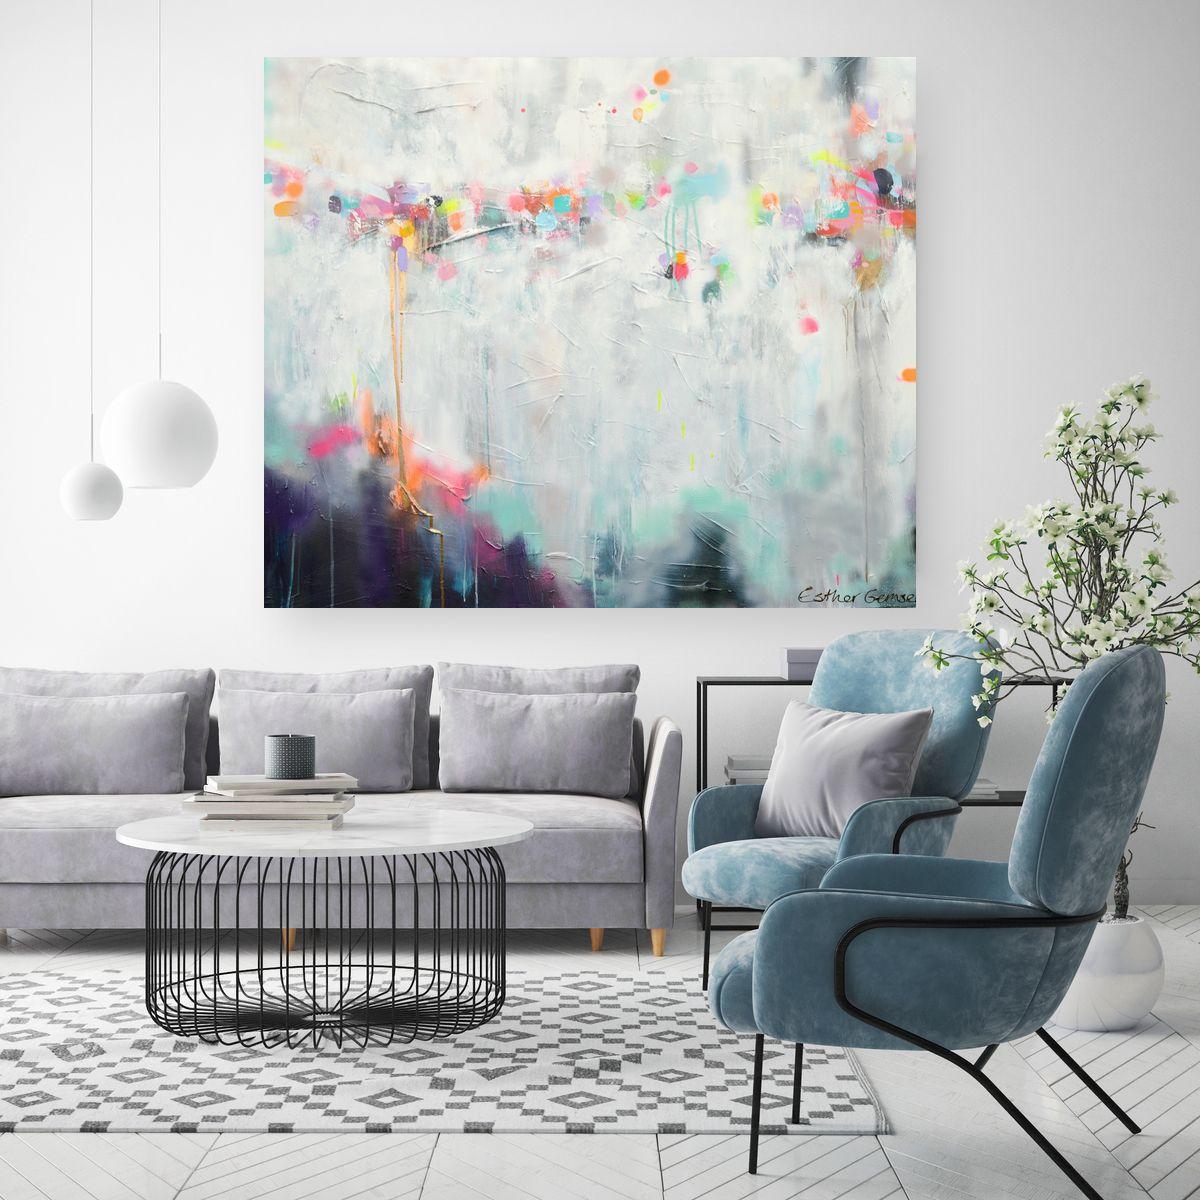 Abstract Schilderij Art Esther Gemser Www Esthergemser Com Muur Kunst Woonkamer Woonkamer Schilderijen Rustiek Schilderij